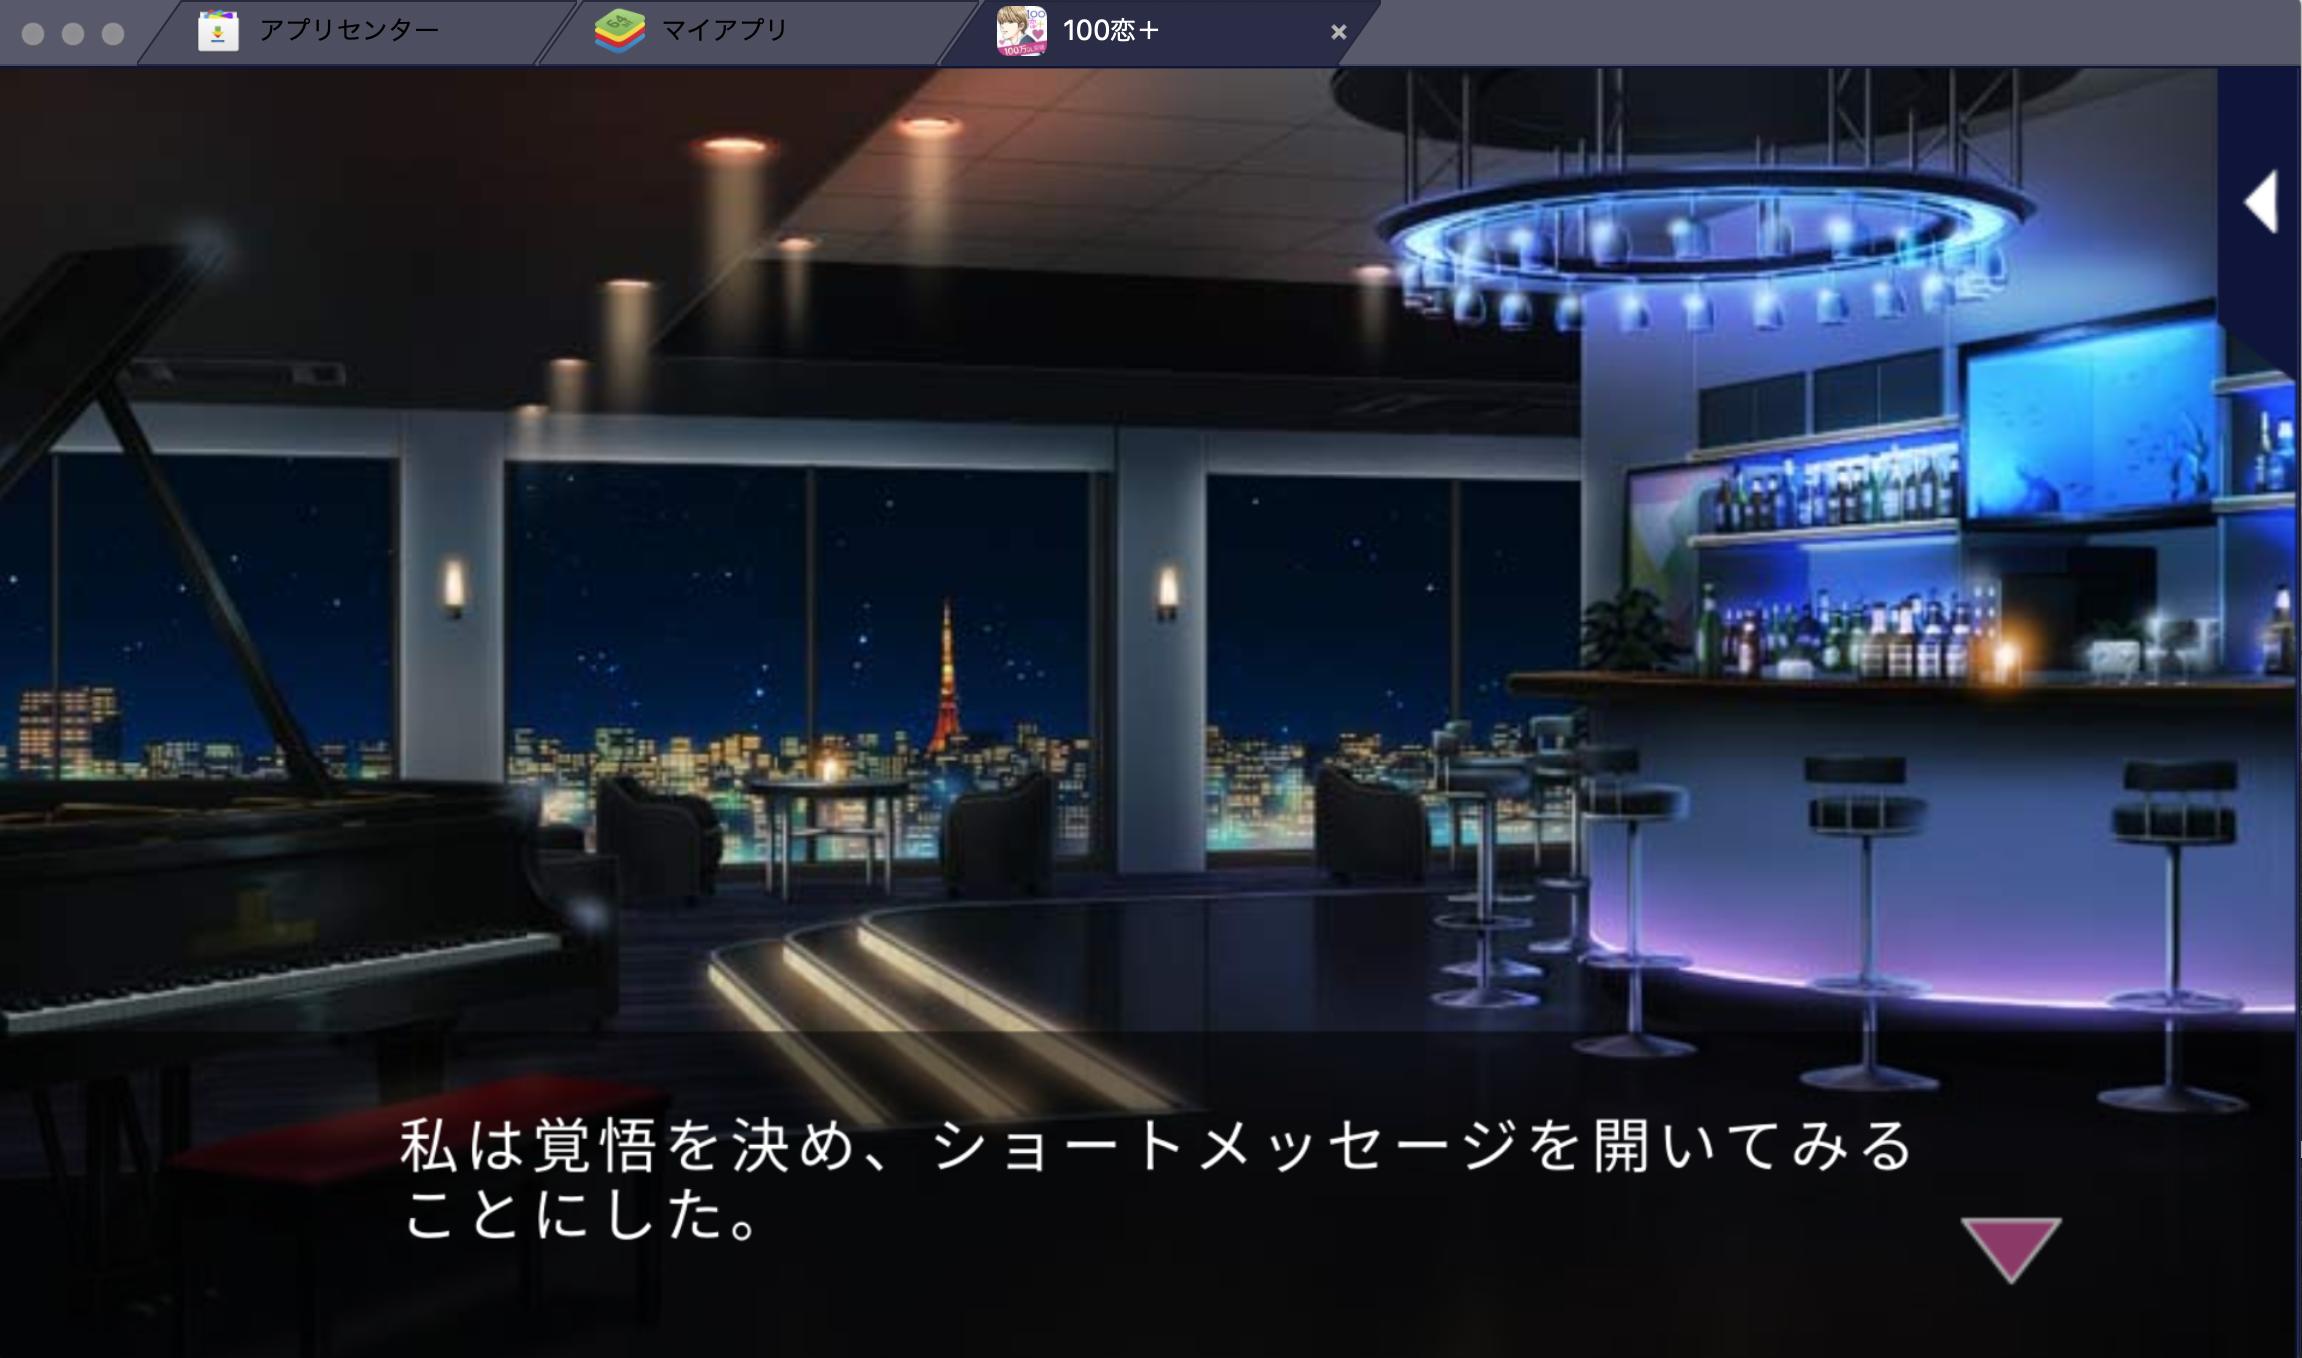 BlueStacksを使ってPCで『100シーンの恋+』を遊ぼう